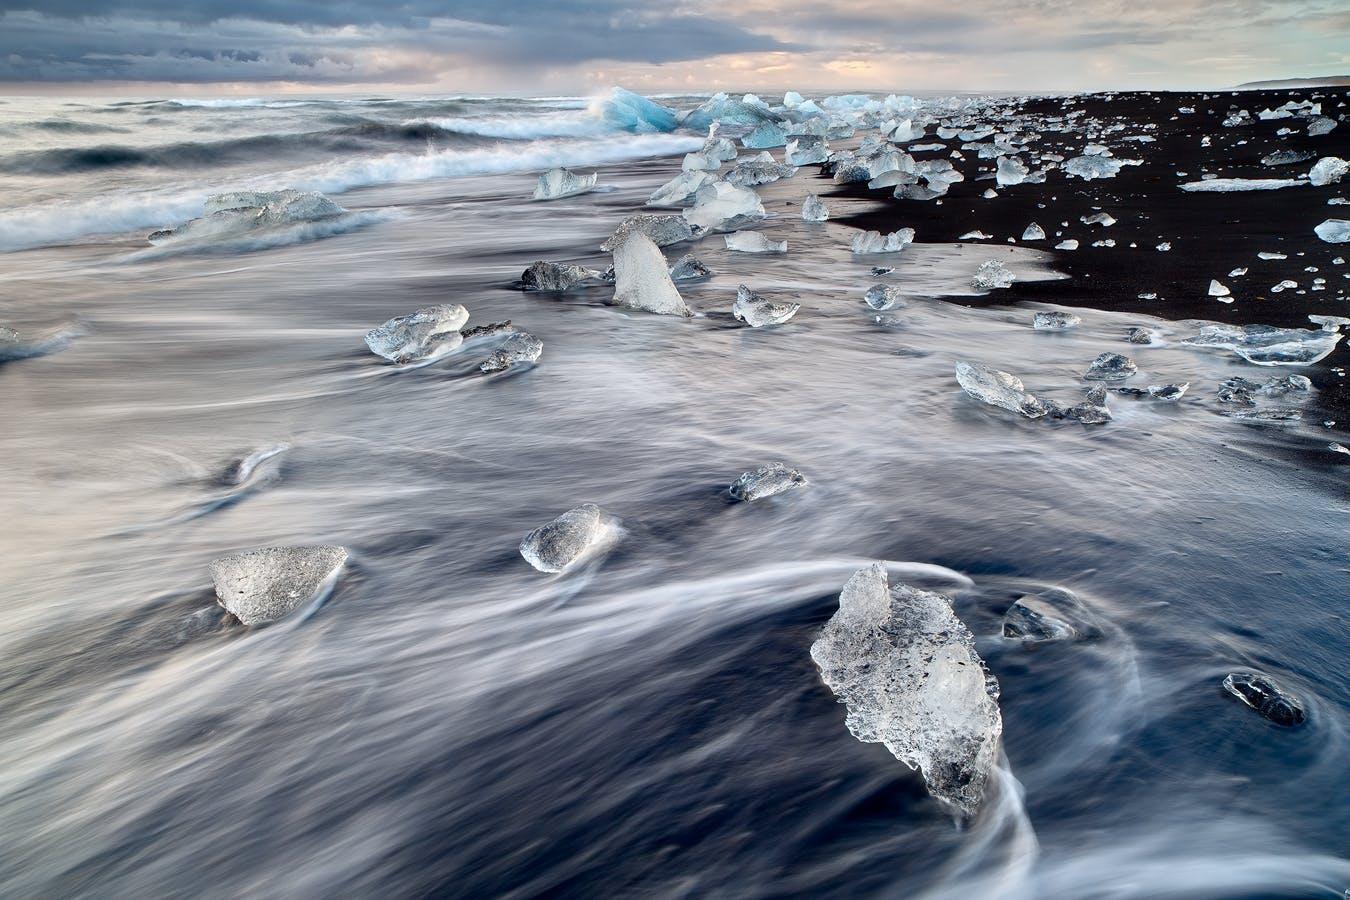 2일 요쿨살론 빙하호수, 빙하하이킹, DC-3 비행기 잔해 방문 남부해안 투어